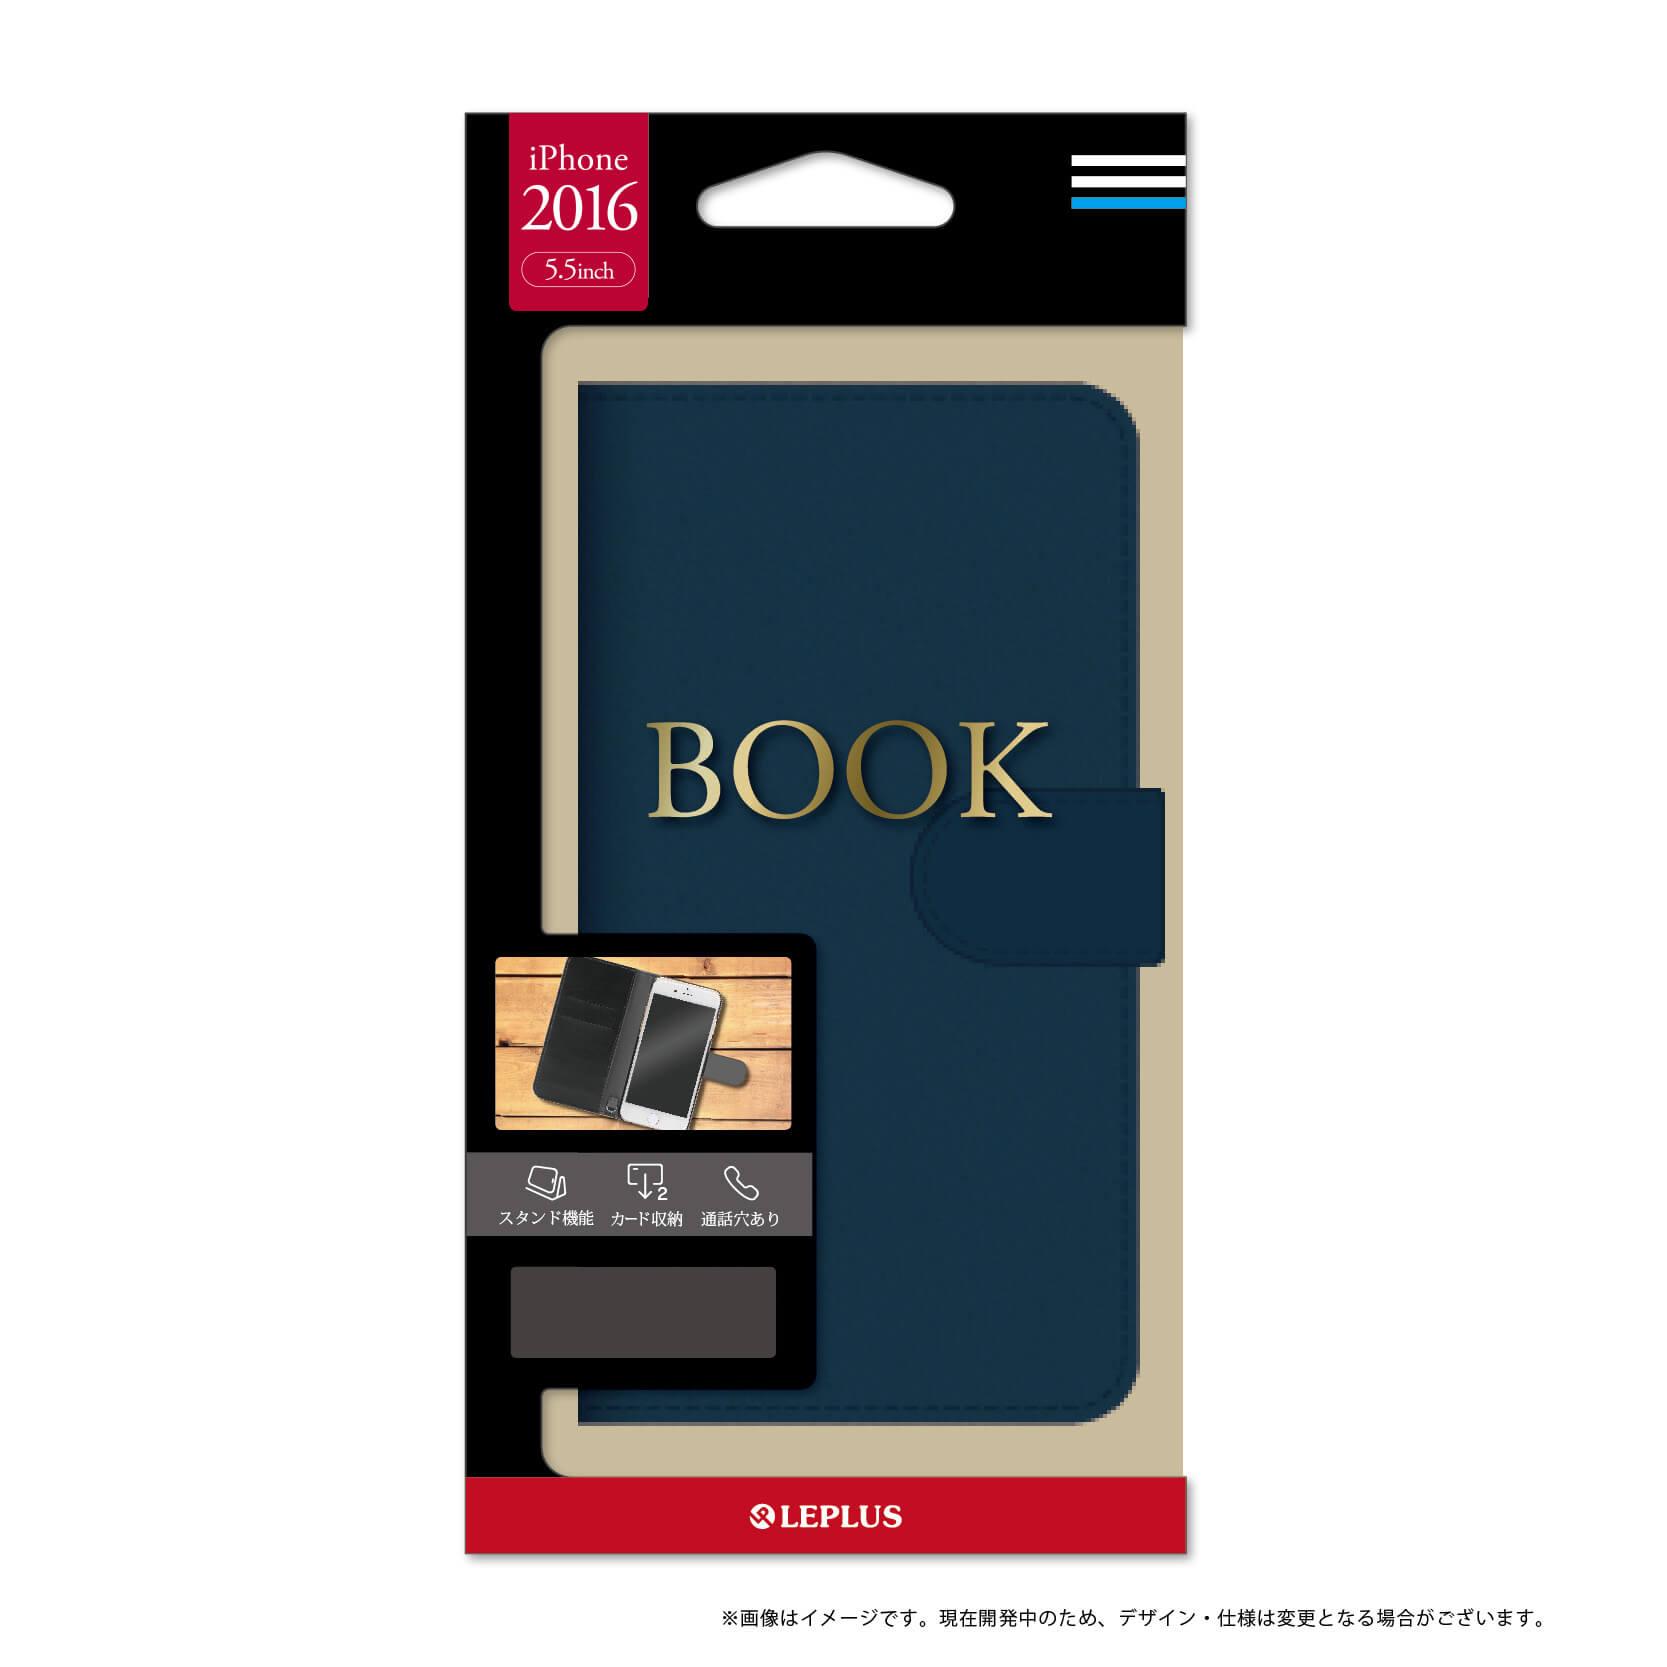 iPhone7 Plus ブックタイプPUレザーケース「BOOK」 ネイビー